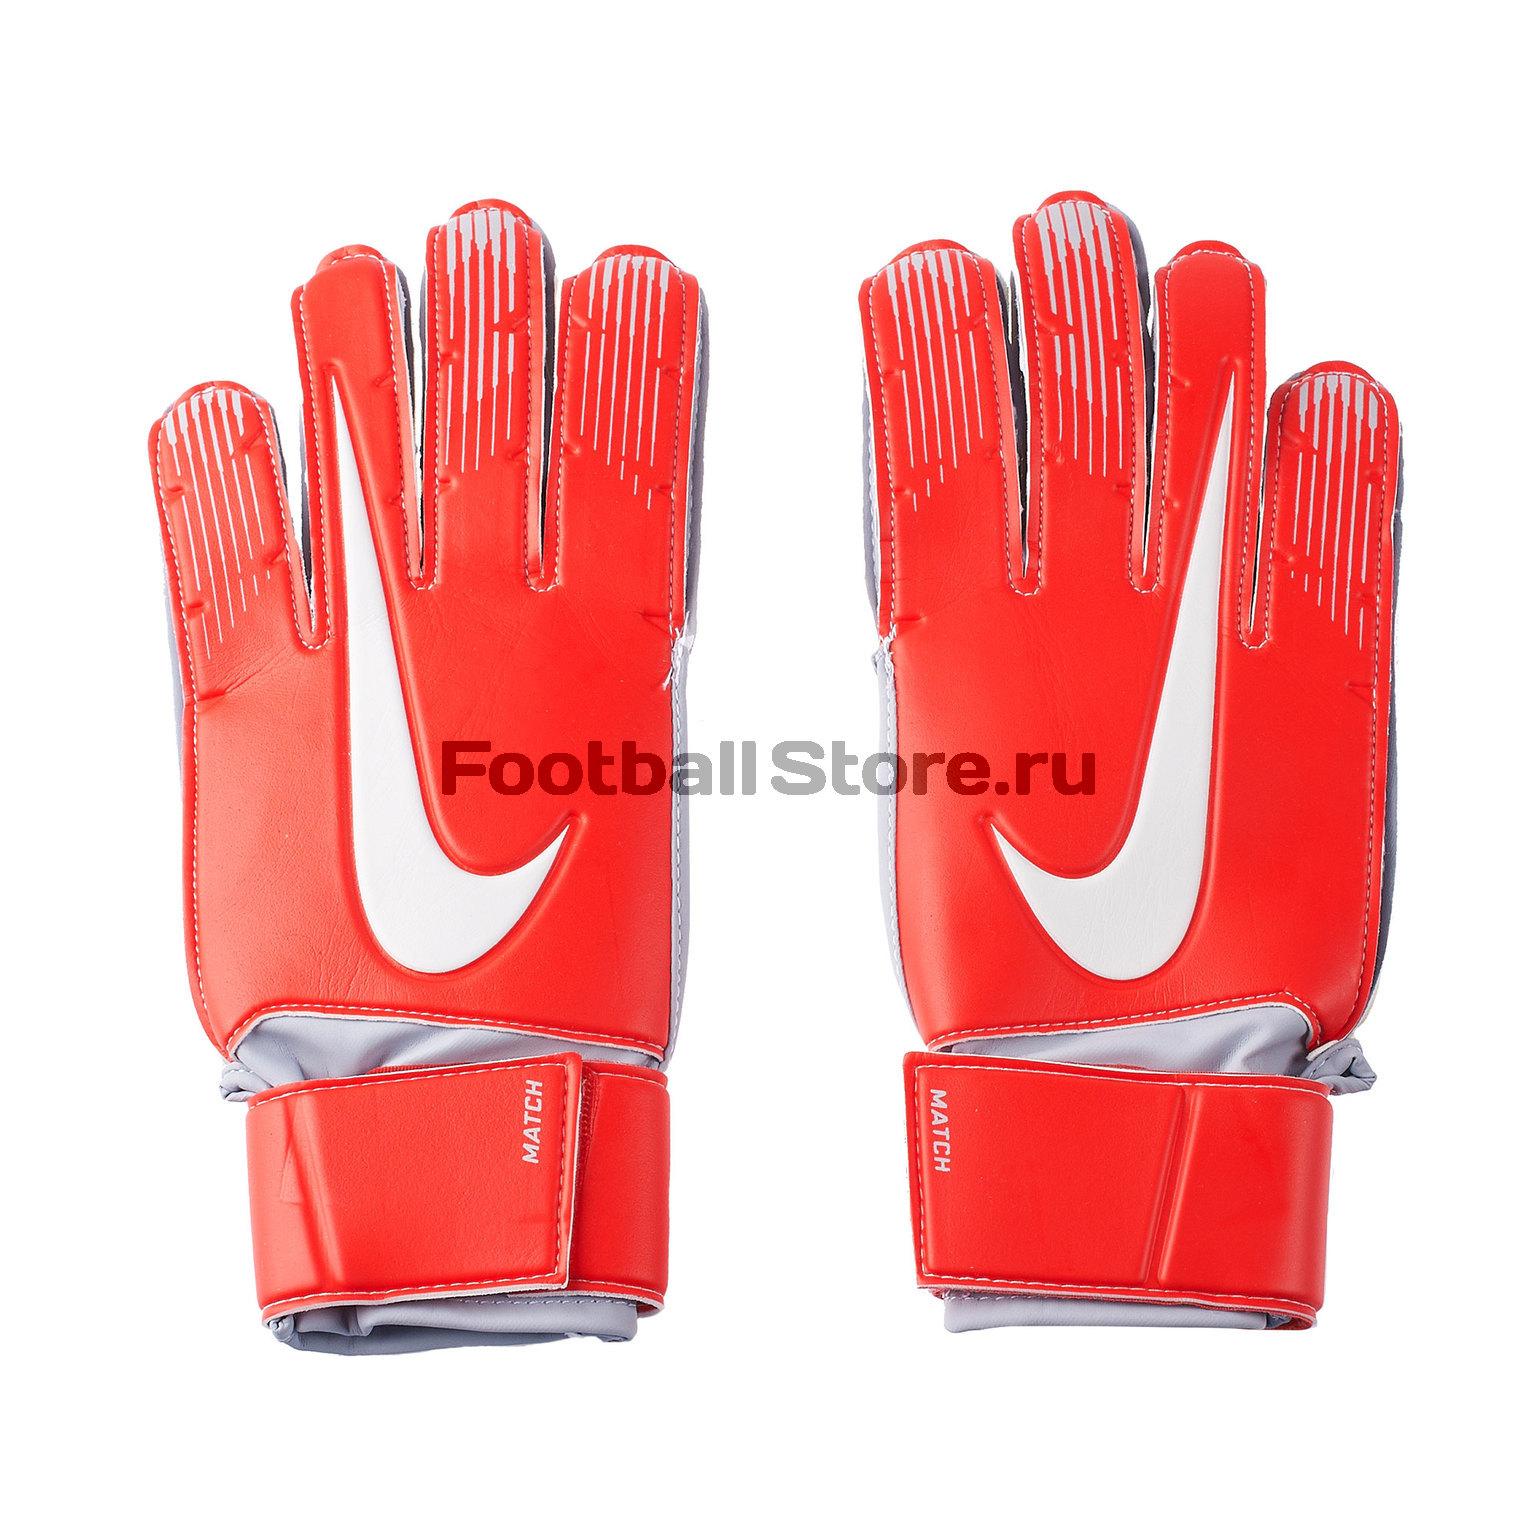 Перчатки вратарские Nike Match GS3370-671 - купить в интернет магазине  Footballstore, цена, фото b2dc1a1edac